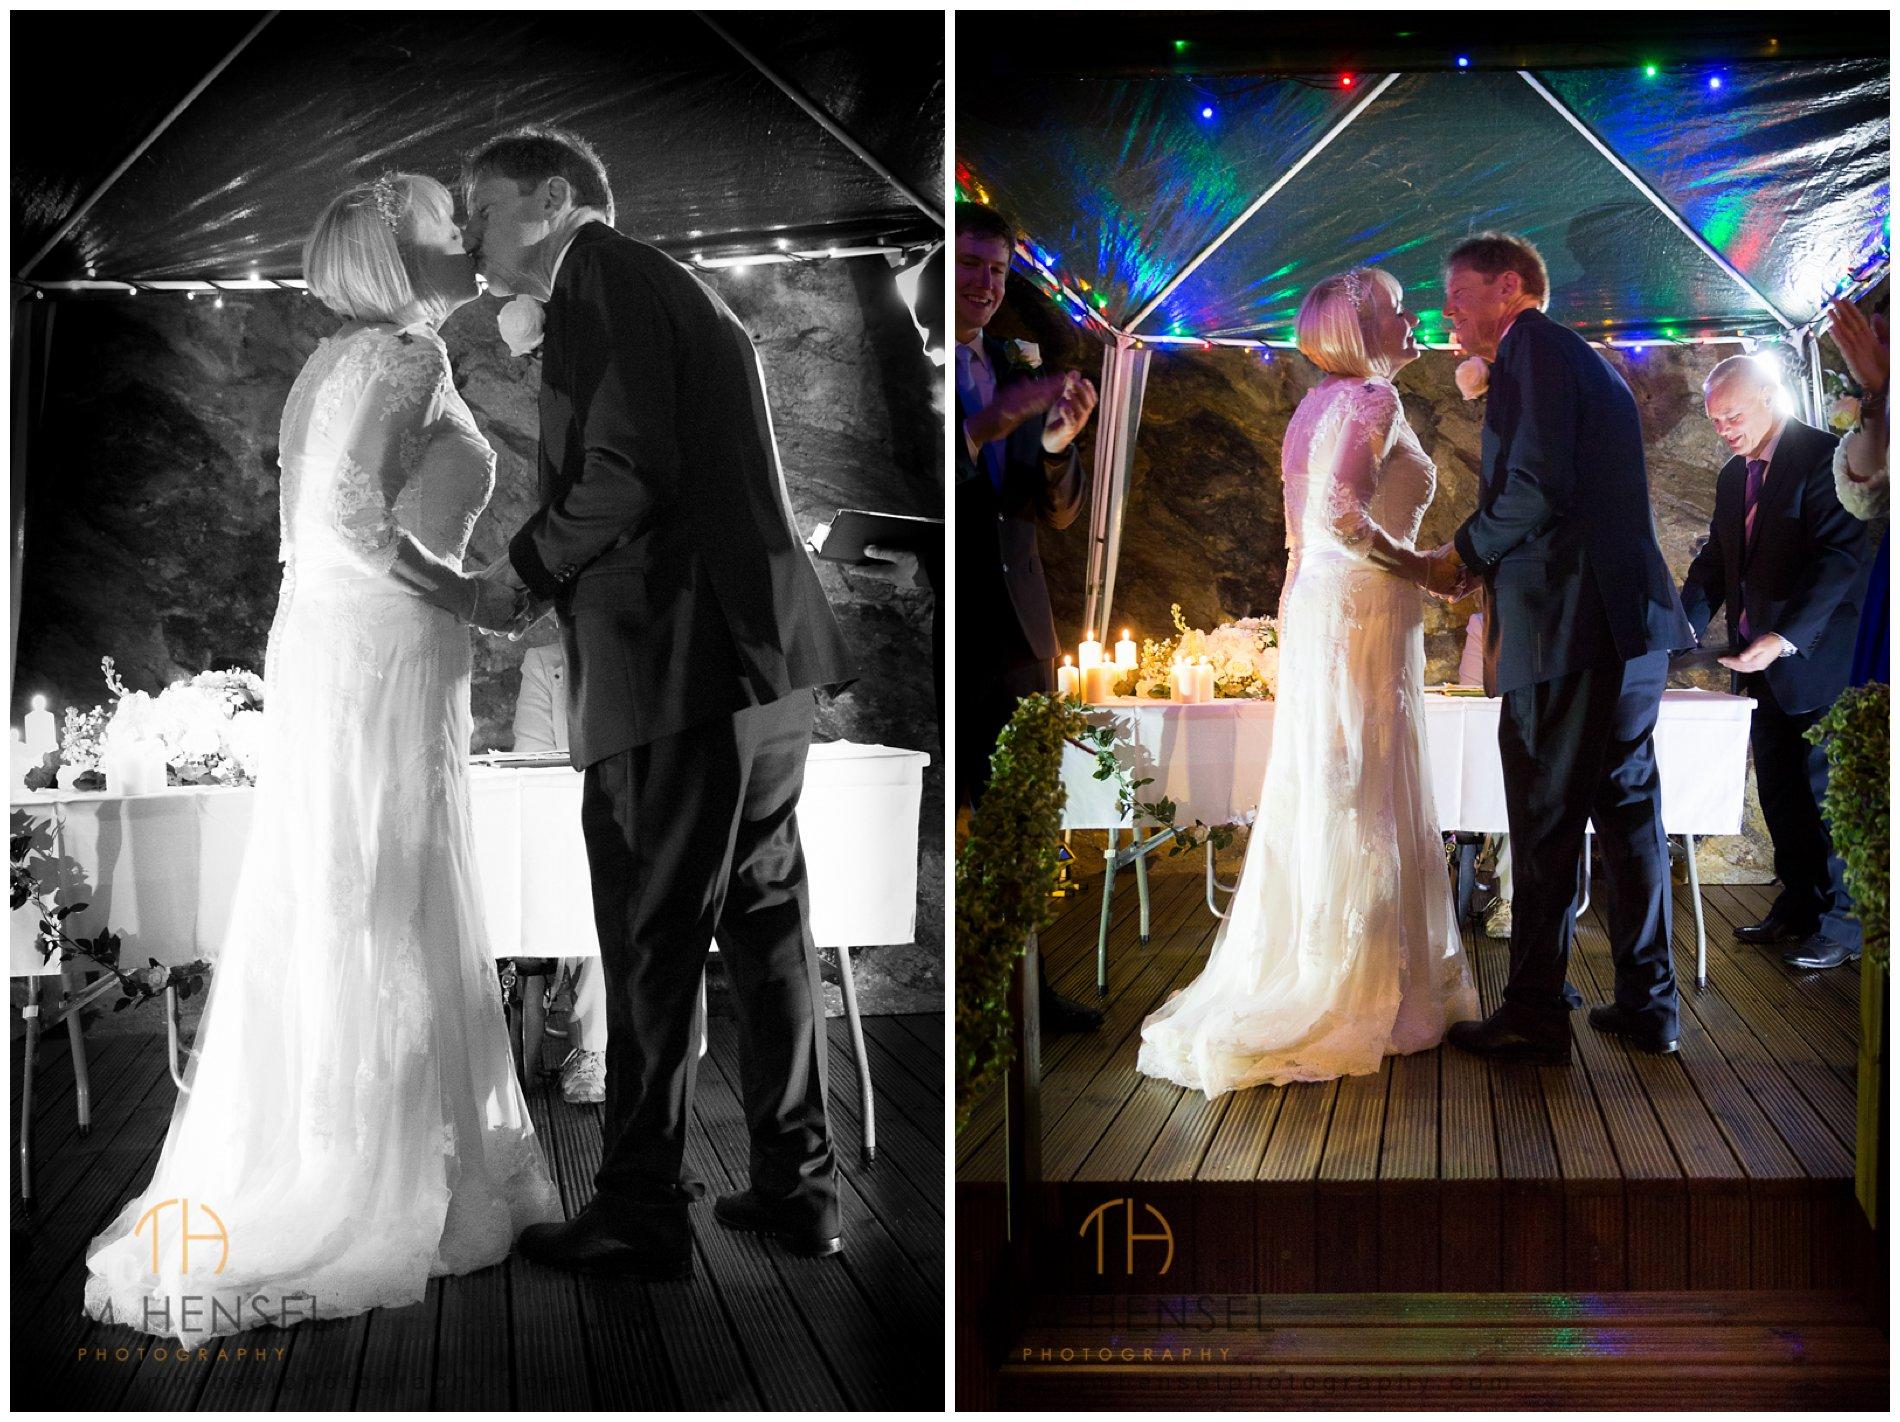 Wedding photography in Castleton, Derbyshire, underground in Treak Cliff Cavern